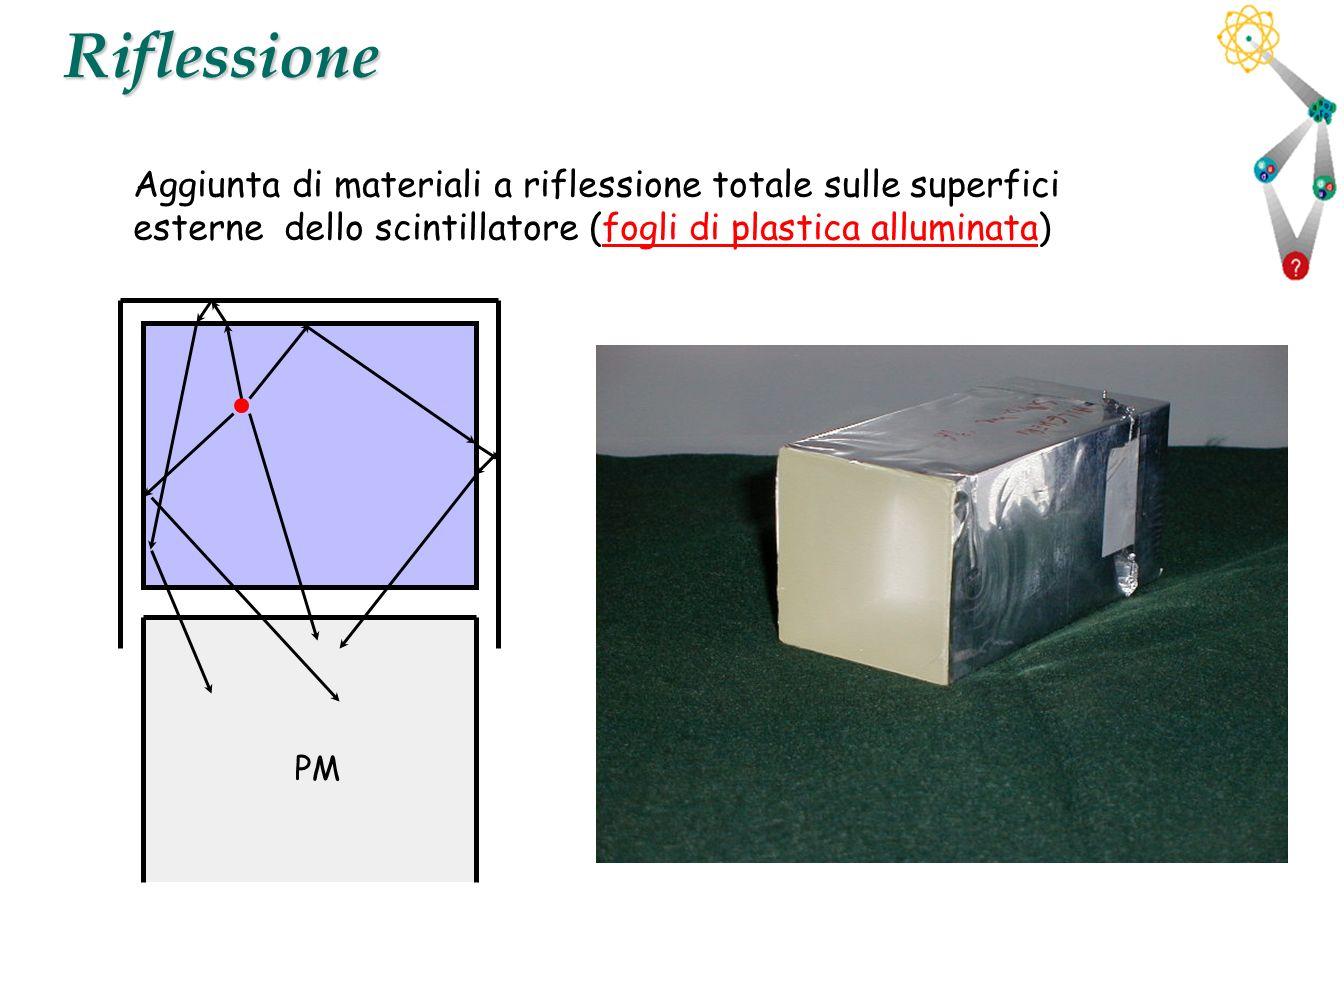 Riflessione Aggiunta di materiali a riflessione totale sulle superfici esterne dello scintillatore (fogli di plastica alluminata)